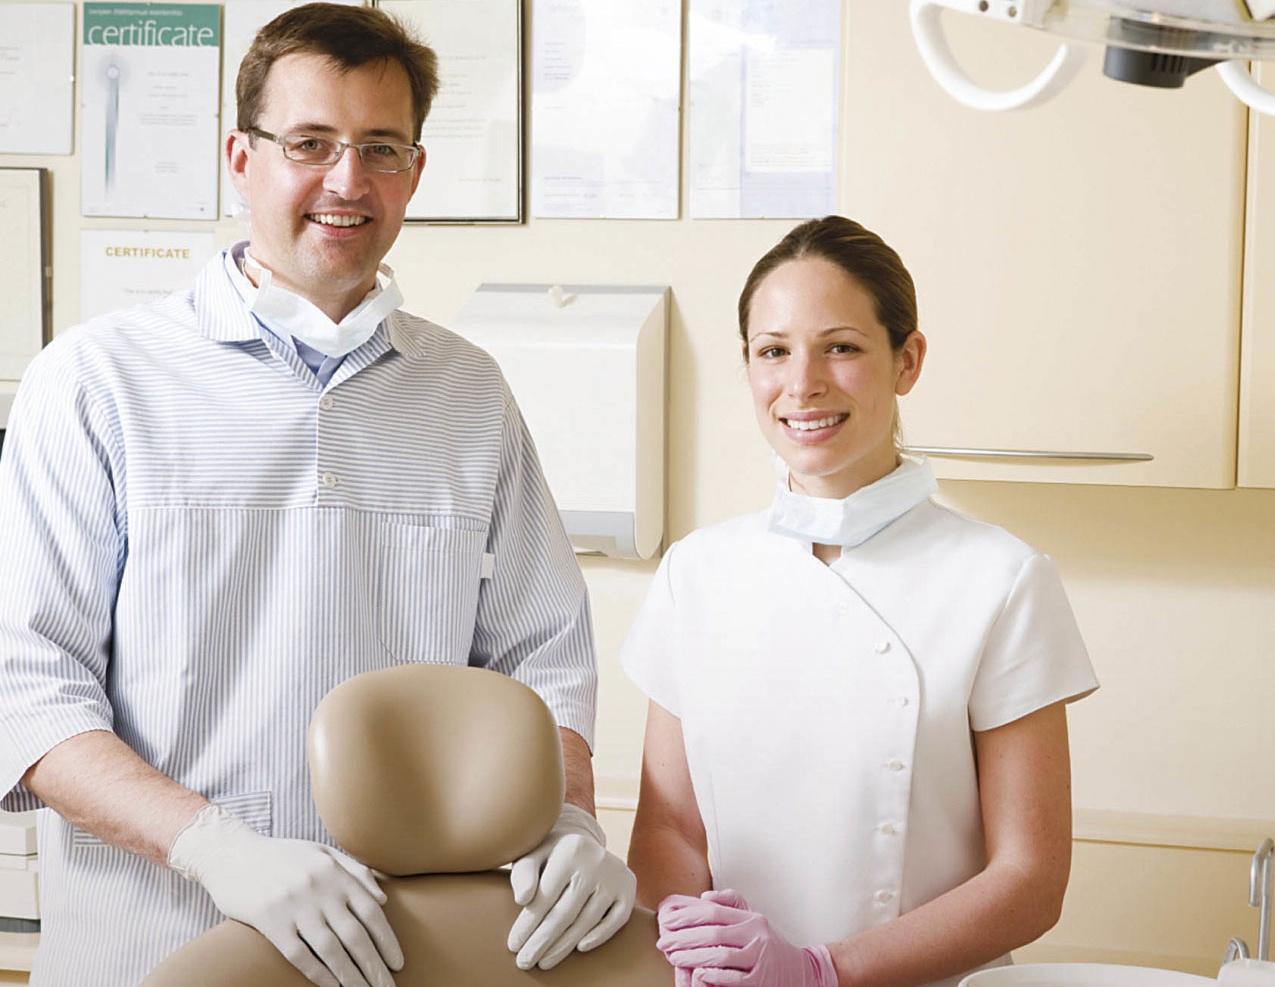 Tehnologia modernă ne poate ajuta în lupta cu infecțiile asociate îngrijirilor intraspitalicești?